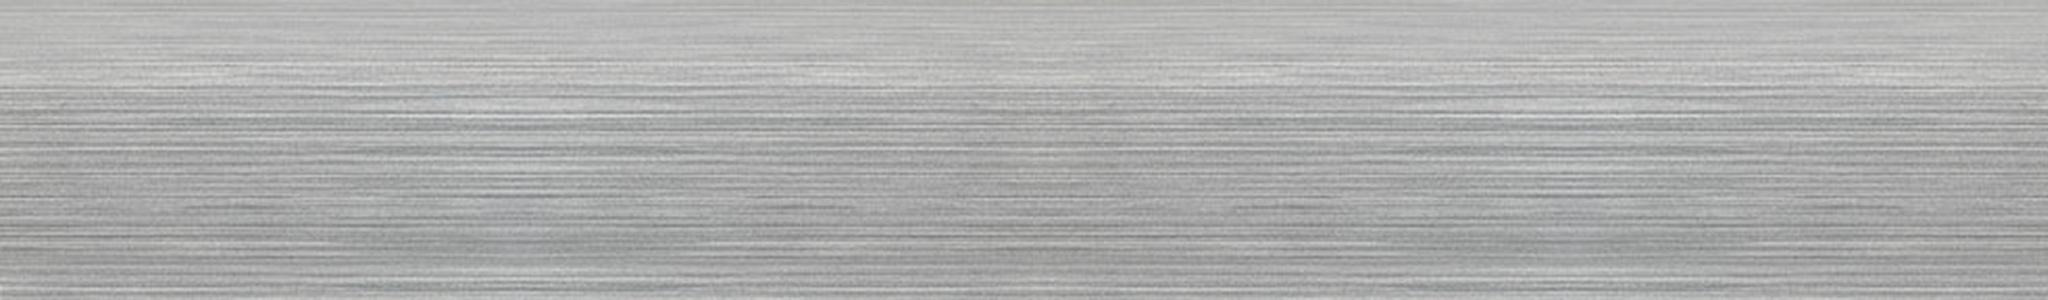 HD 29946 Acryl 3D Edge Steel